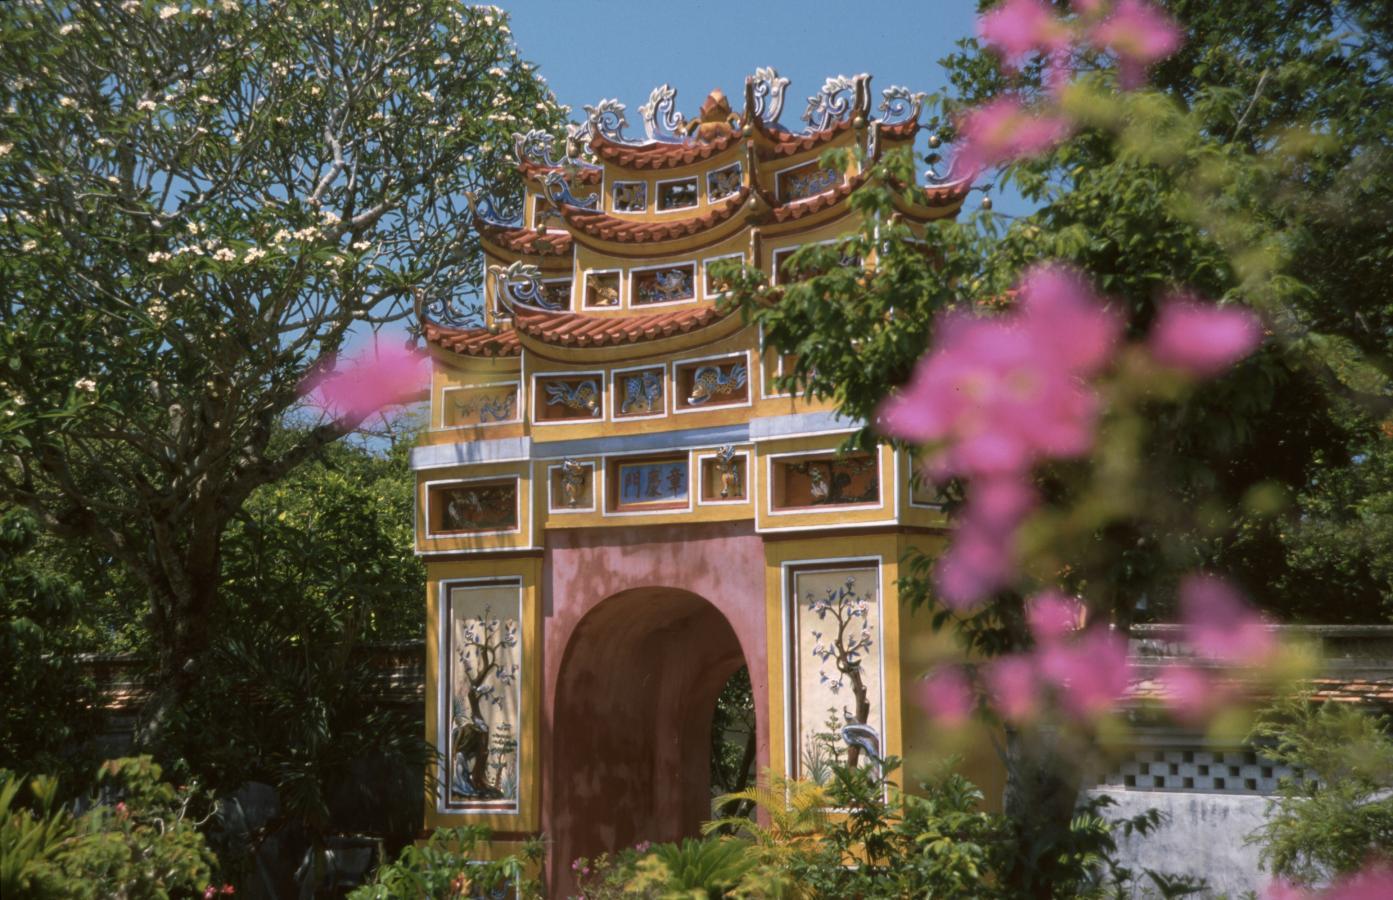 temple-entrance-hue